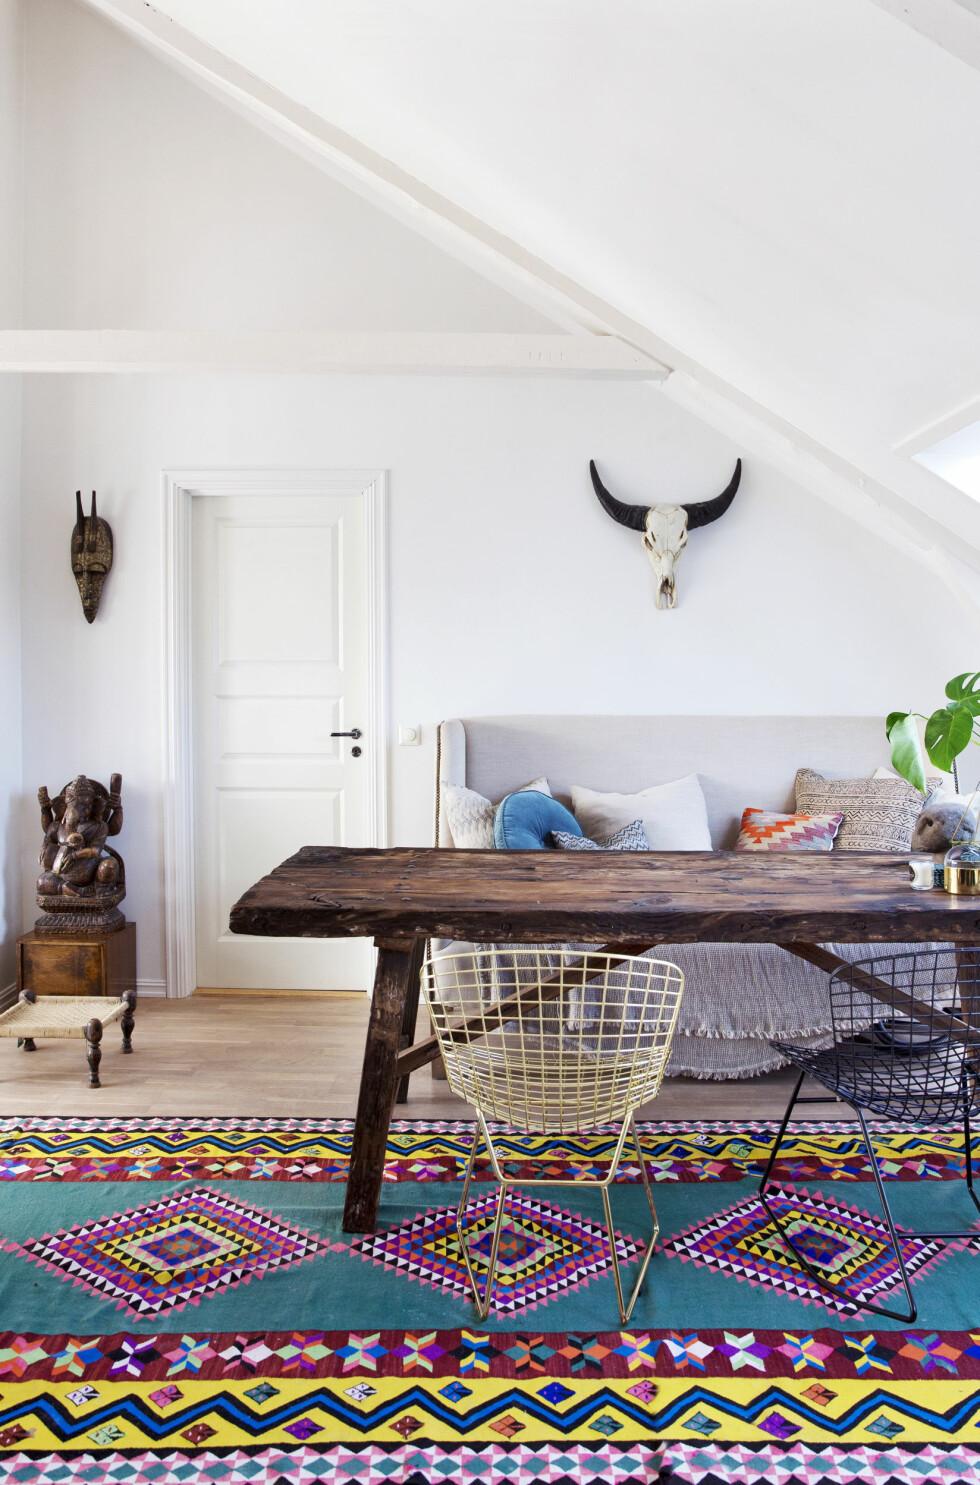 ETNISKE VIBBER: Et fargerikt kelimteppe samler rommet og gir et edgy, moderne preg.  Foto: All Over Press Norway